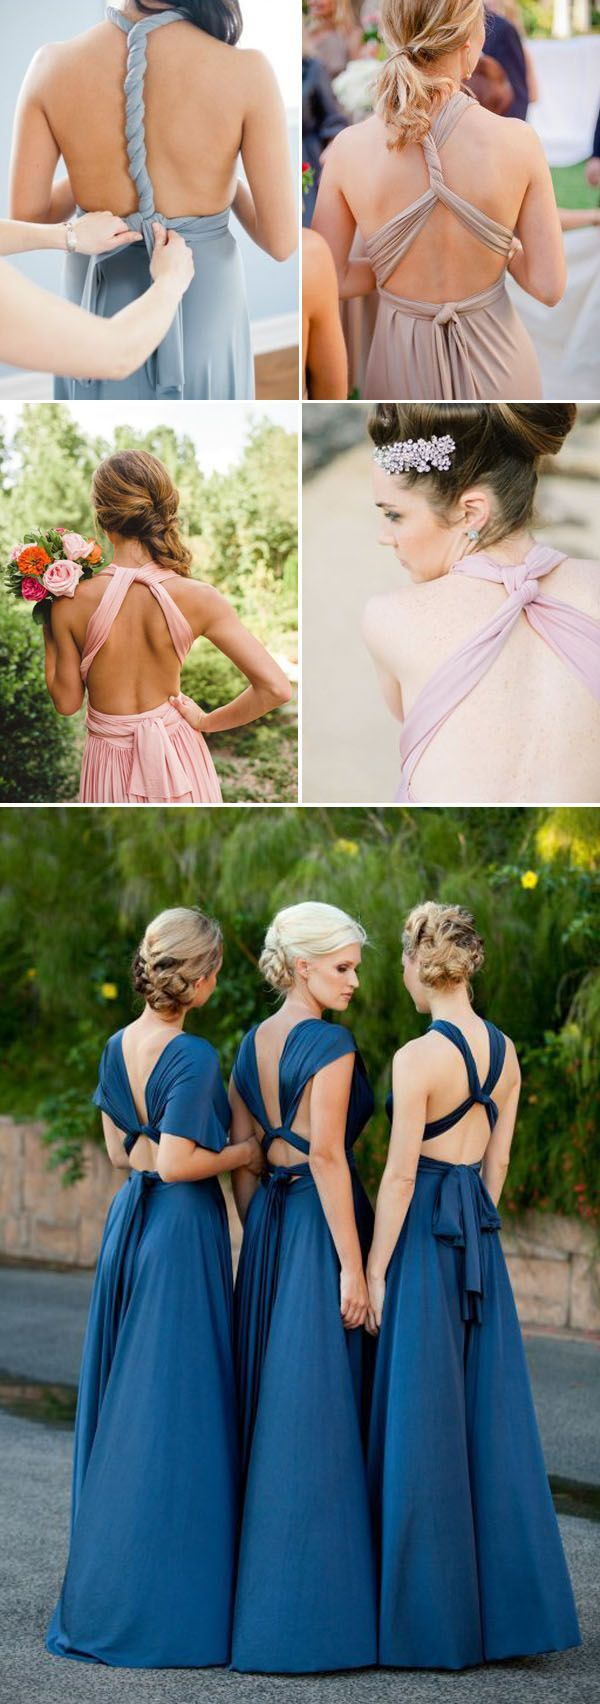 Mira estas #tendencias para los vestidos de tus damas de honor. ¿Qué te parecen? #WeddingTrends #BridesMaids